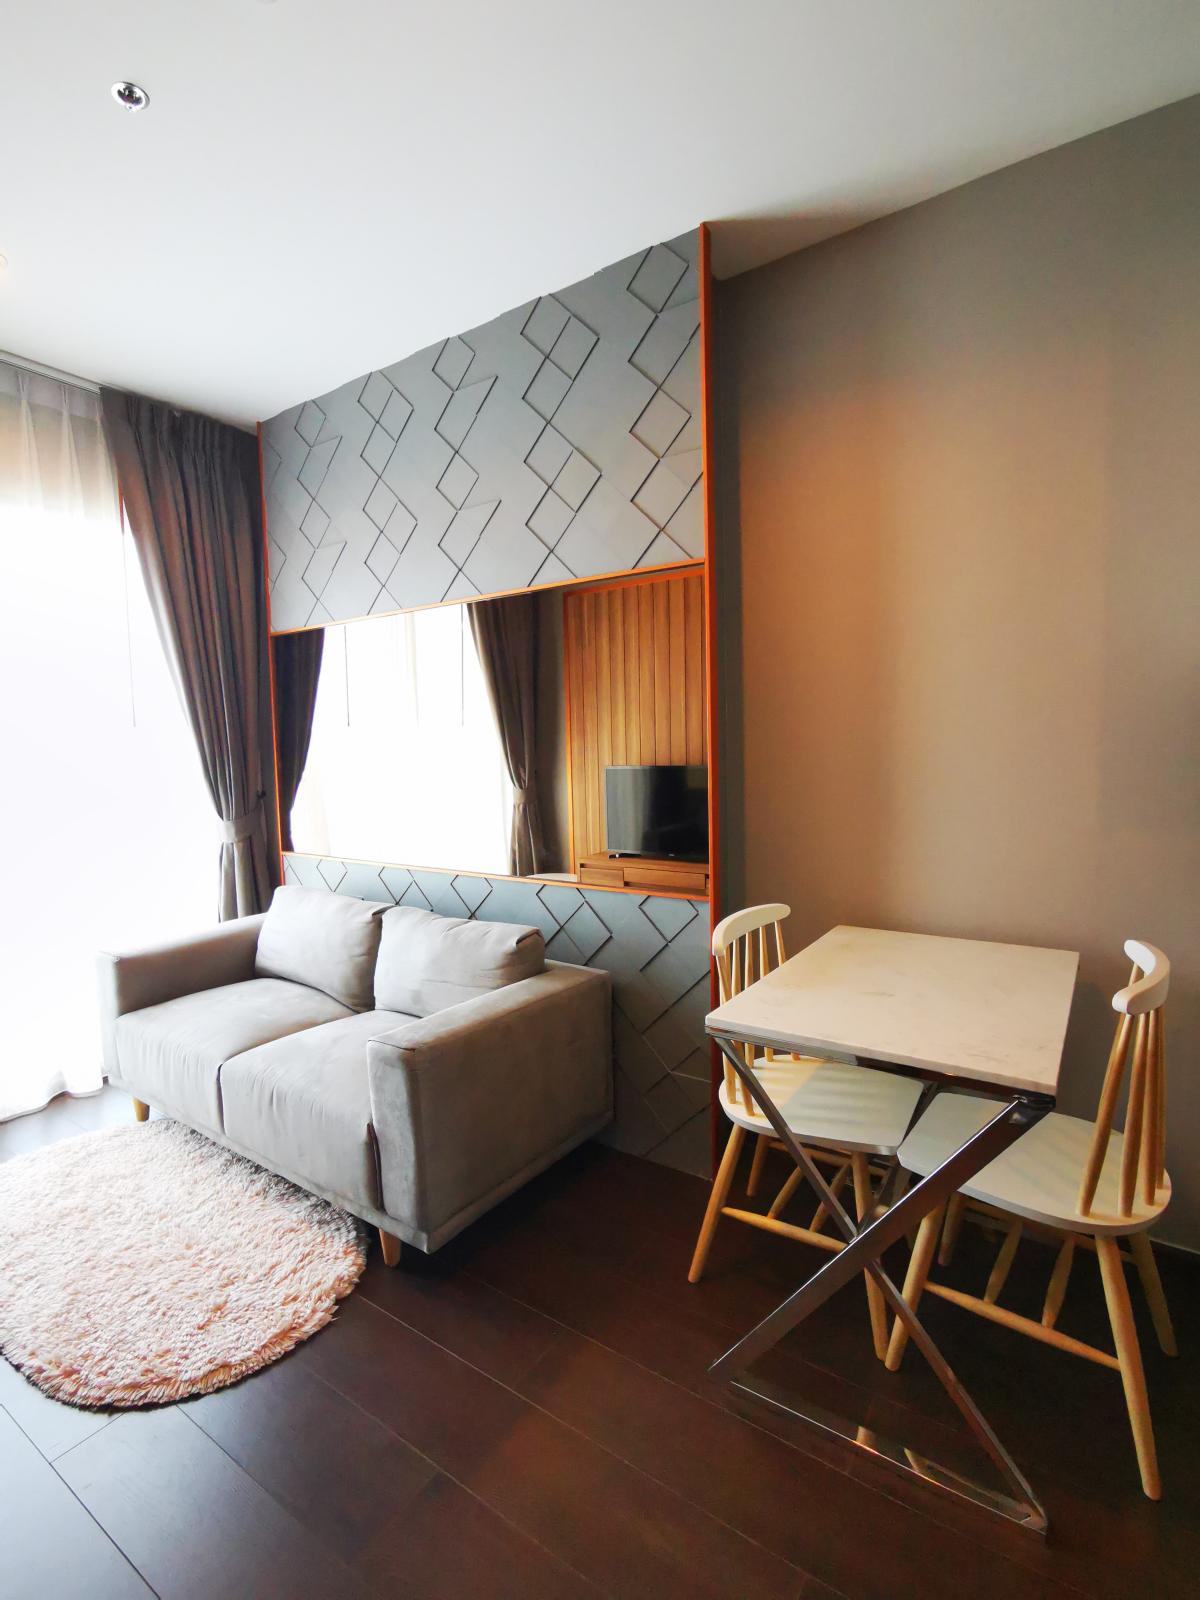 ประกาศ[For rent/ให้เช่า] คอนโด ซี เอกมัย (C Ekkamai) ใกล้ BTS เอกมัย 30 ตร.ม ชั้น 19 1นอน ห้องสวยพร้อมอยู่